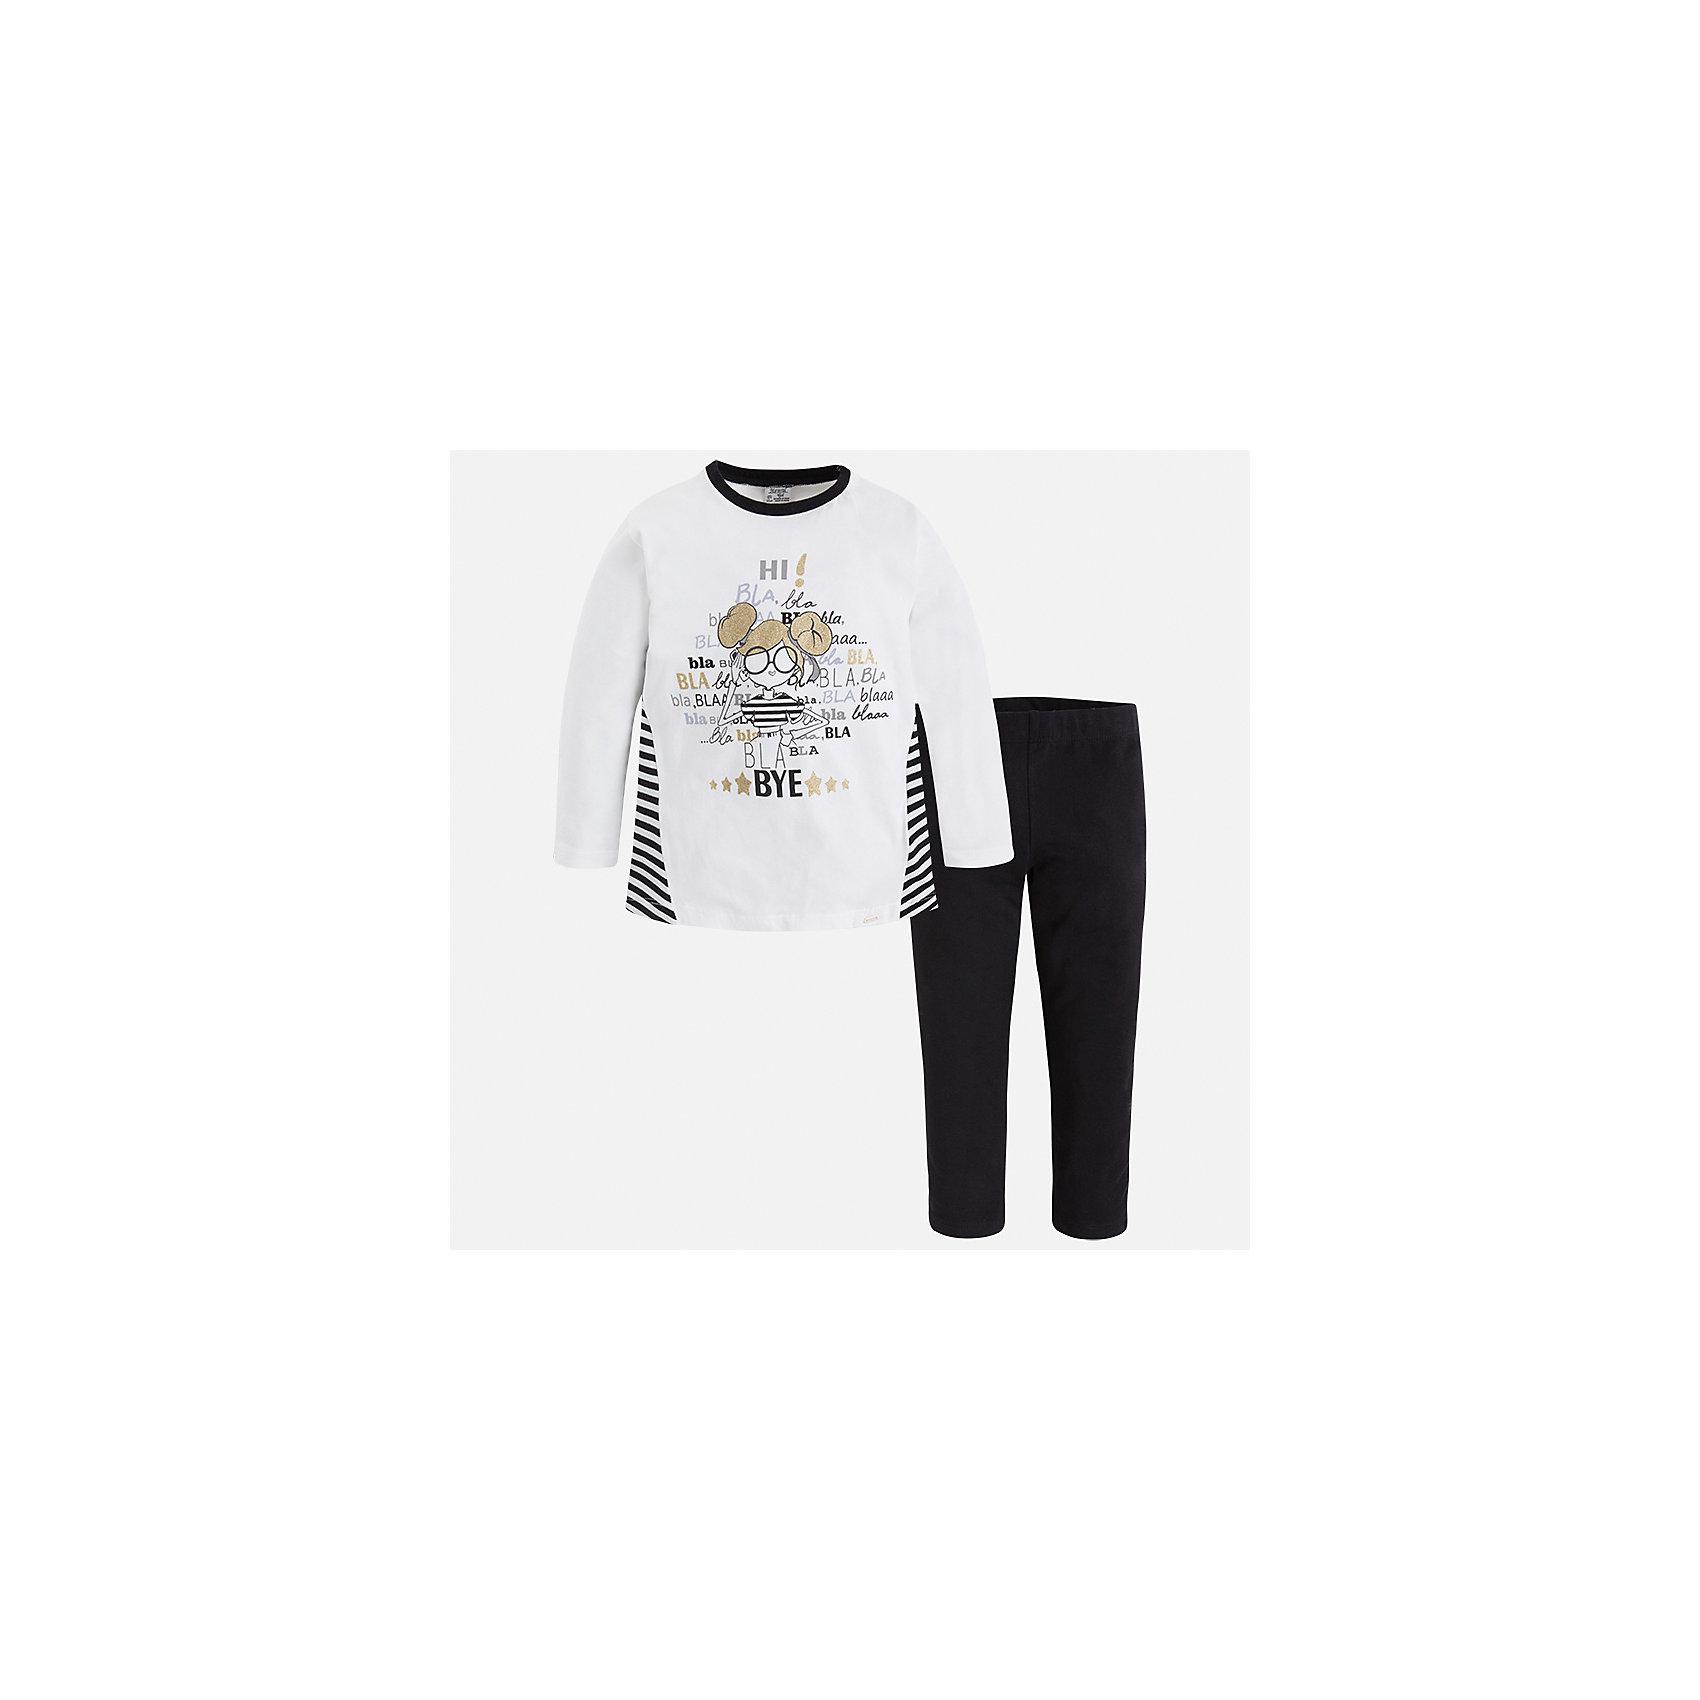 Комплект: футболка с длинным рукавом и леггинсы Mayoral для девочкиКомплекты<br>Характеристики товара:<br><br>• цвет: черный<br>• комплектация: футболка с длинным рукавом и леггинсы<br>• состав ткани леггинсов: 92% хлопок, 8% эластан<br>• состав ткани футболки с длинным рукавом: 60% хлопок, 32% полиэстер, 8% эластан<br>• длинные рукава<br>• пояс: резинка<br>• сезон: круглый год<br>• страна бренда: Испания<br>• страна изготовитель: Индия<br><br>Детская футболка с длинным рукавом из этого комплекта украшена модным принтом. Модный детский комплект от известного бренда Майорал состоит из трикотажной футболки с длинным рукавом и эластичных леггинсов. <br><br>В одежде от испанской компании Майорал ребенок будет выглядеть модно, а чувствовать себя - комфортно. Целая команда европейских талантливых дизайнеров работает над созданием стильных и оригинальных моделей одежды.<br><br>Комплект: футболка с длинным рукавом для девочки Mayoral (Майорал) можно купить в нашем интернет-магазине.<br><br>Ширина мм: 123<br>Глубина мм: 10<br>Высота мм: 149<br>Вес г: 209<br>Цвет: черный<br>Возраст от месяцев: 96<br>Возраст до месяцев: 108<br>Пол: Женский<br>Возраст: Детский<br>Размер: 134,92,98,104,110,116,122,128<br>SKU: 6922873